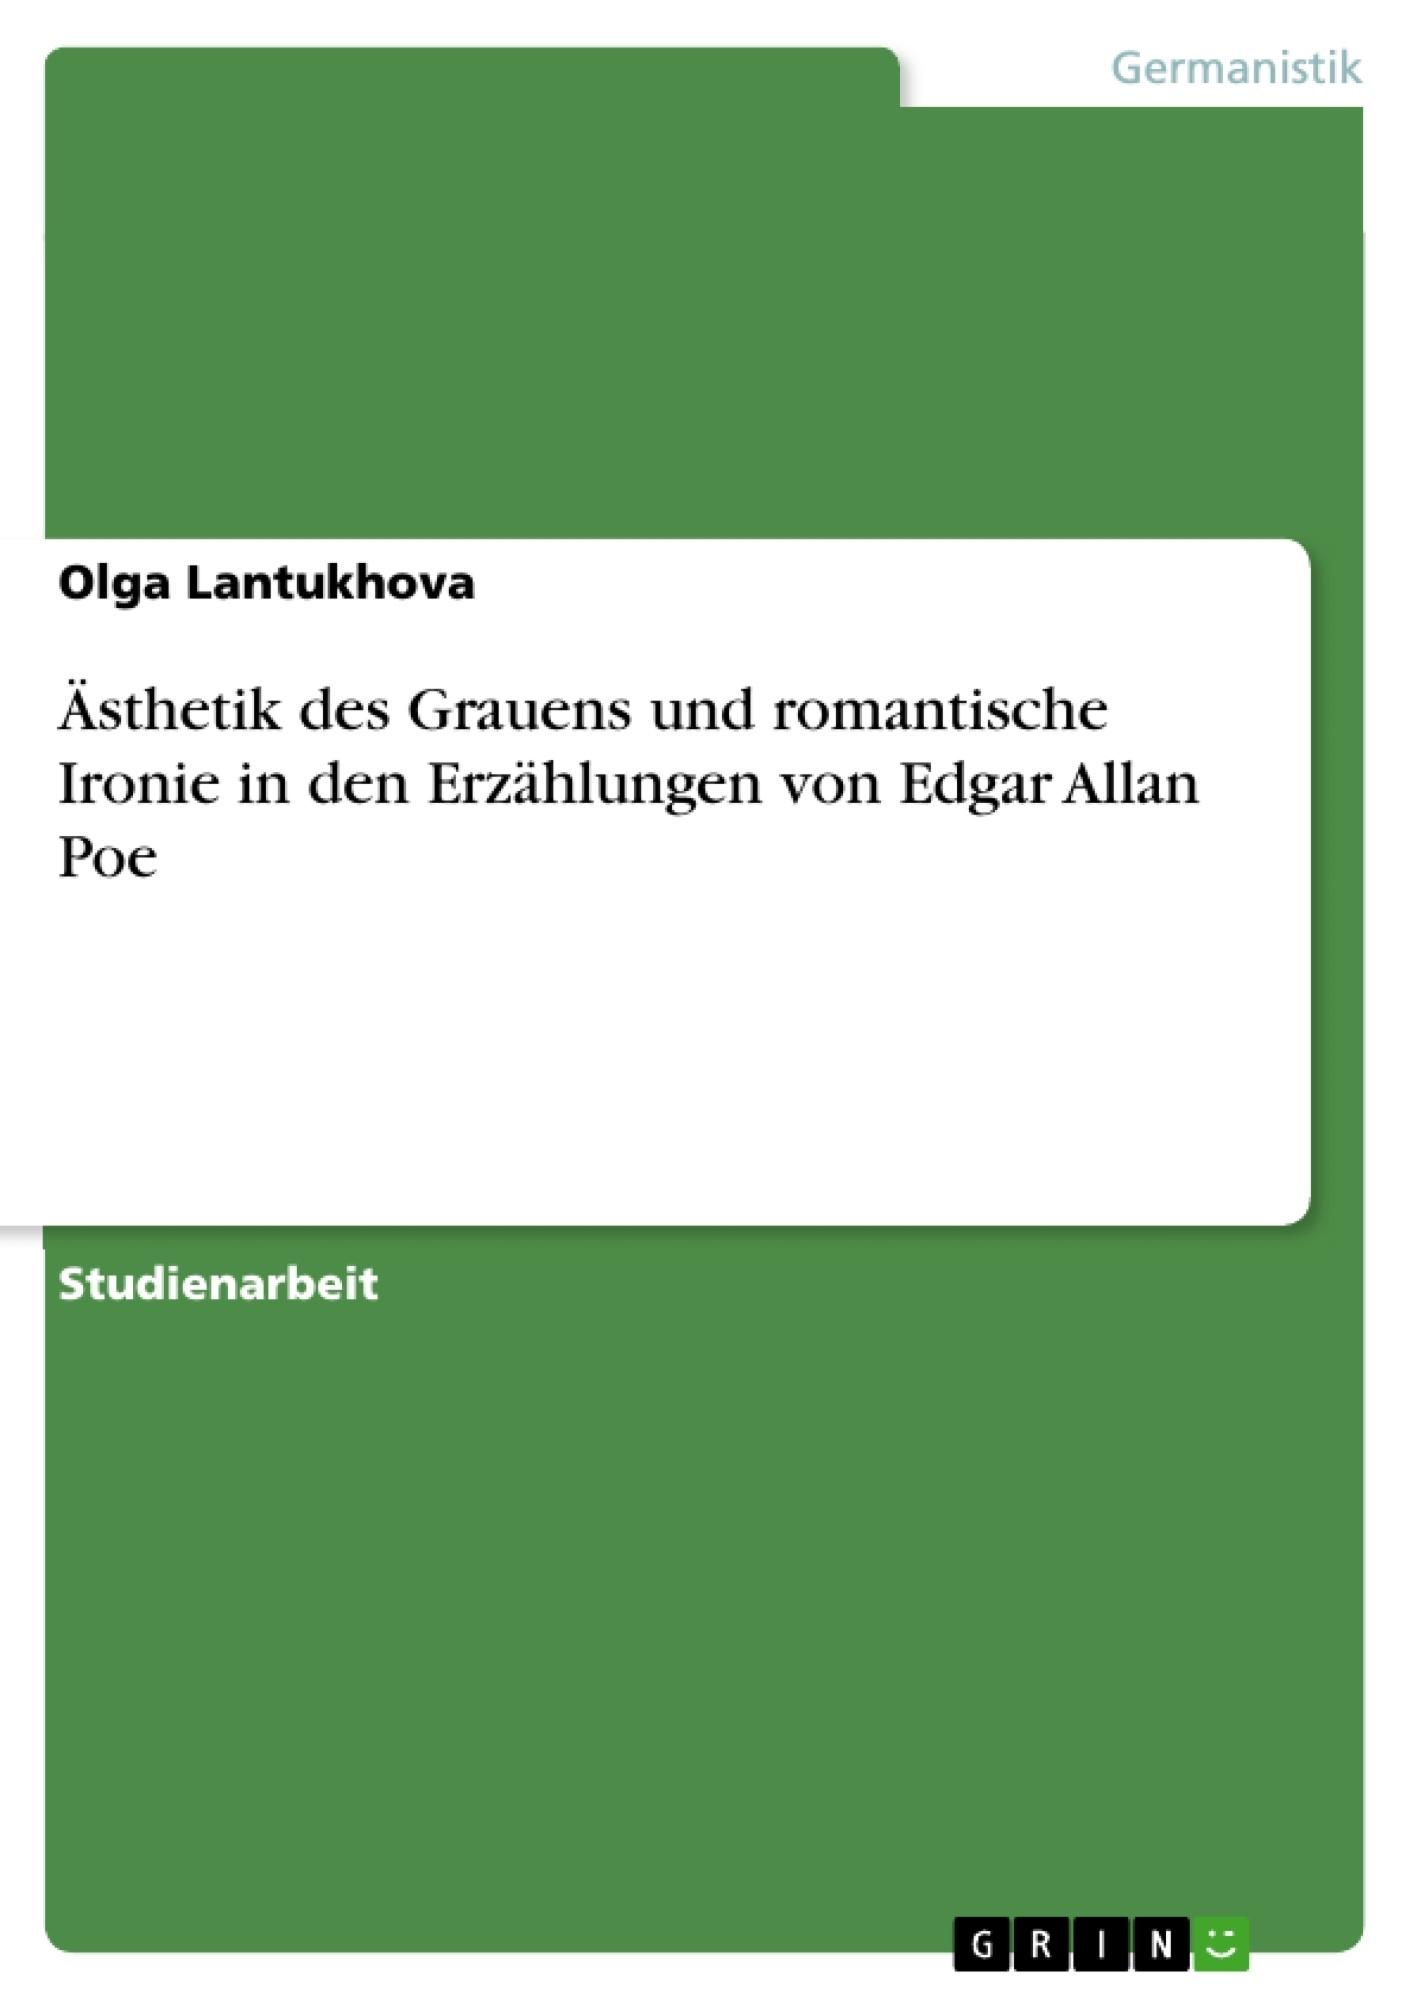 Titel: Ästhetik des Grauens und romantische Ironie in den Erzählungen von Edgar Allan Poe